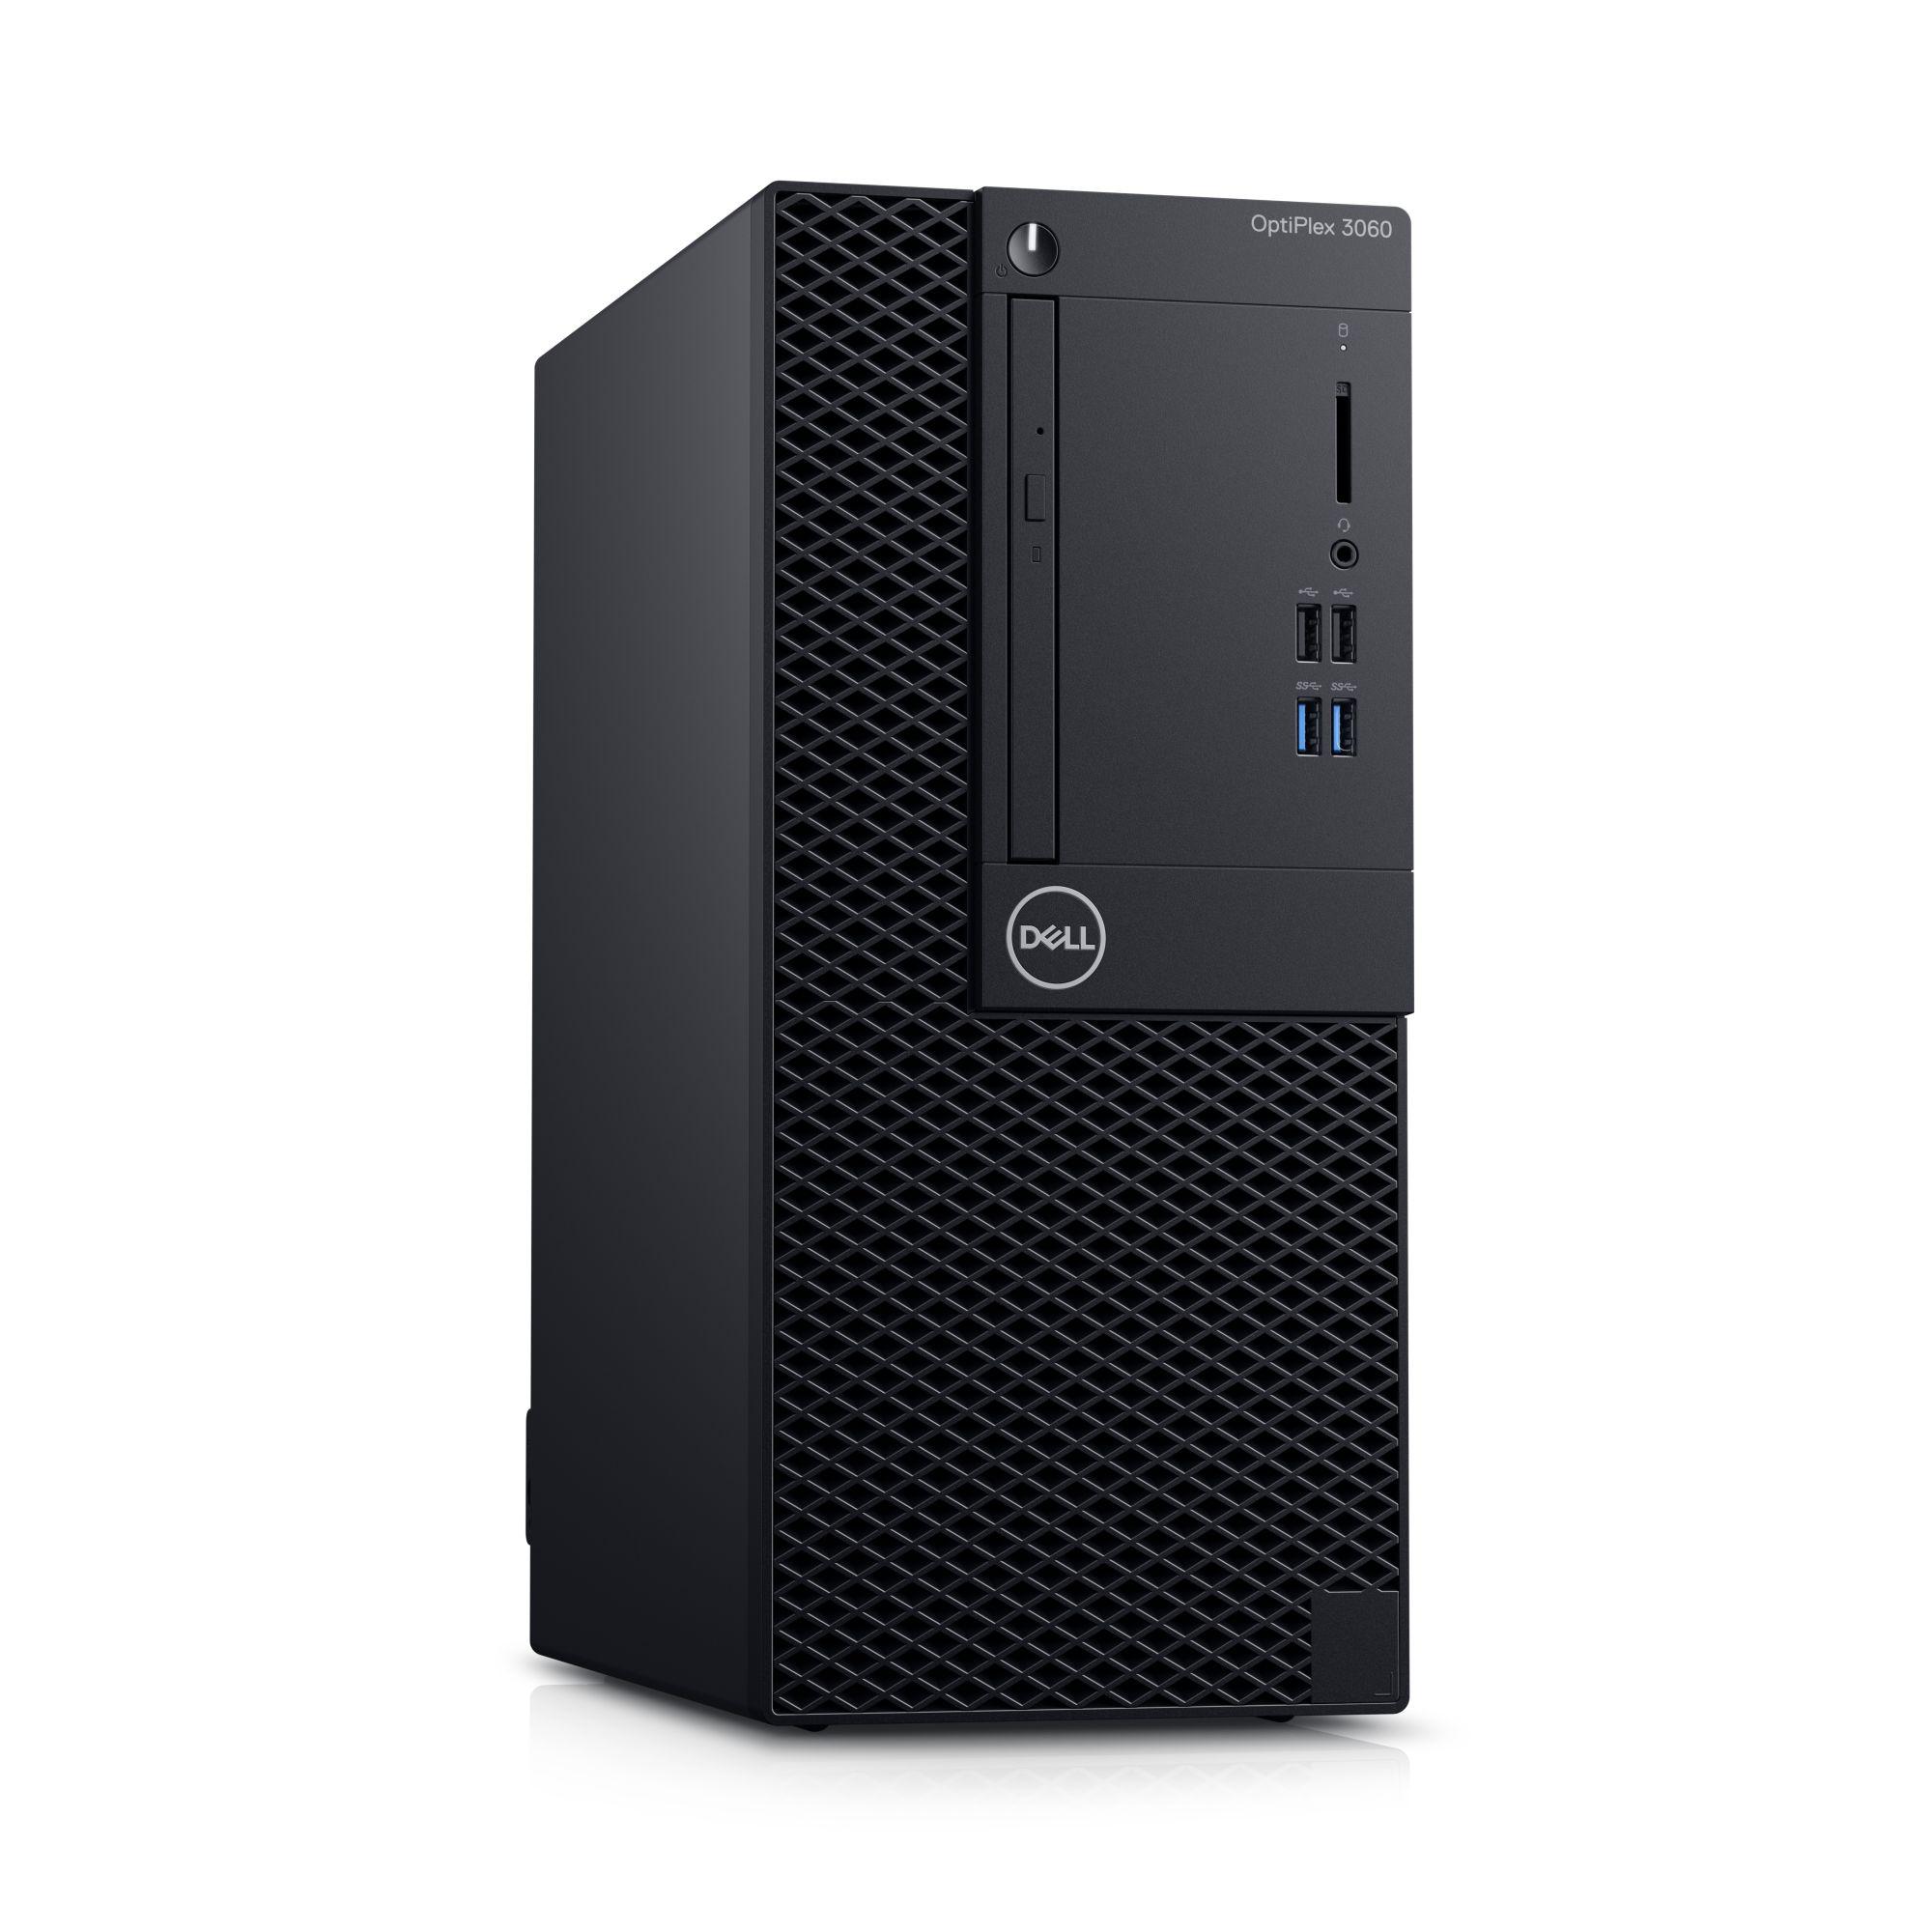 Dell PC Optiplex 3060 MT i3-8100/4GB/1TB/HDMI/DP/DVD/W10P/3RNBD